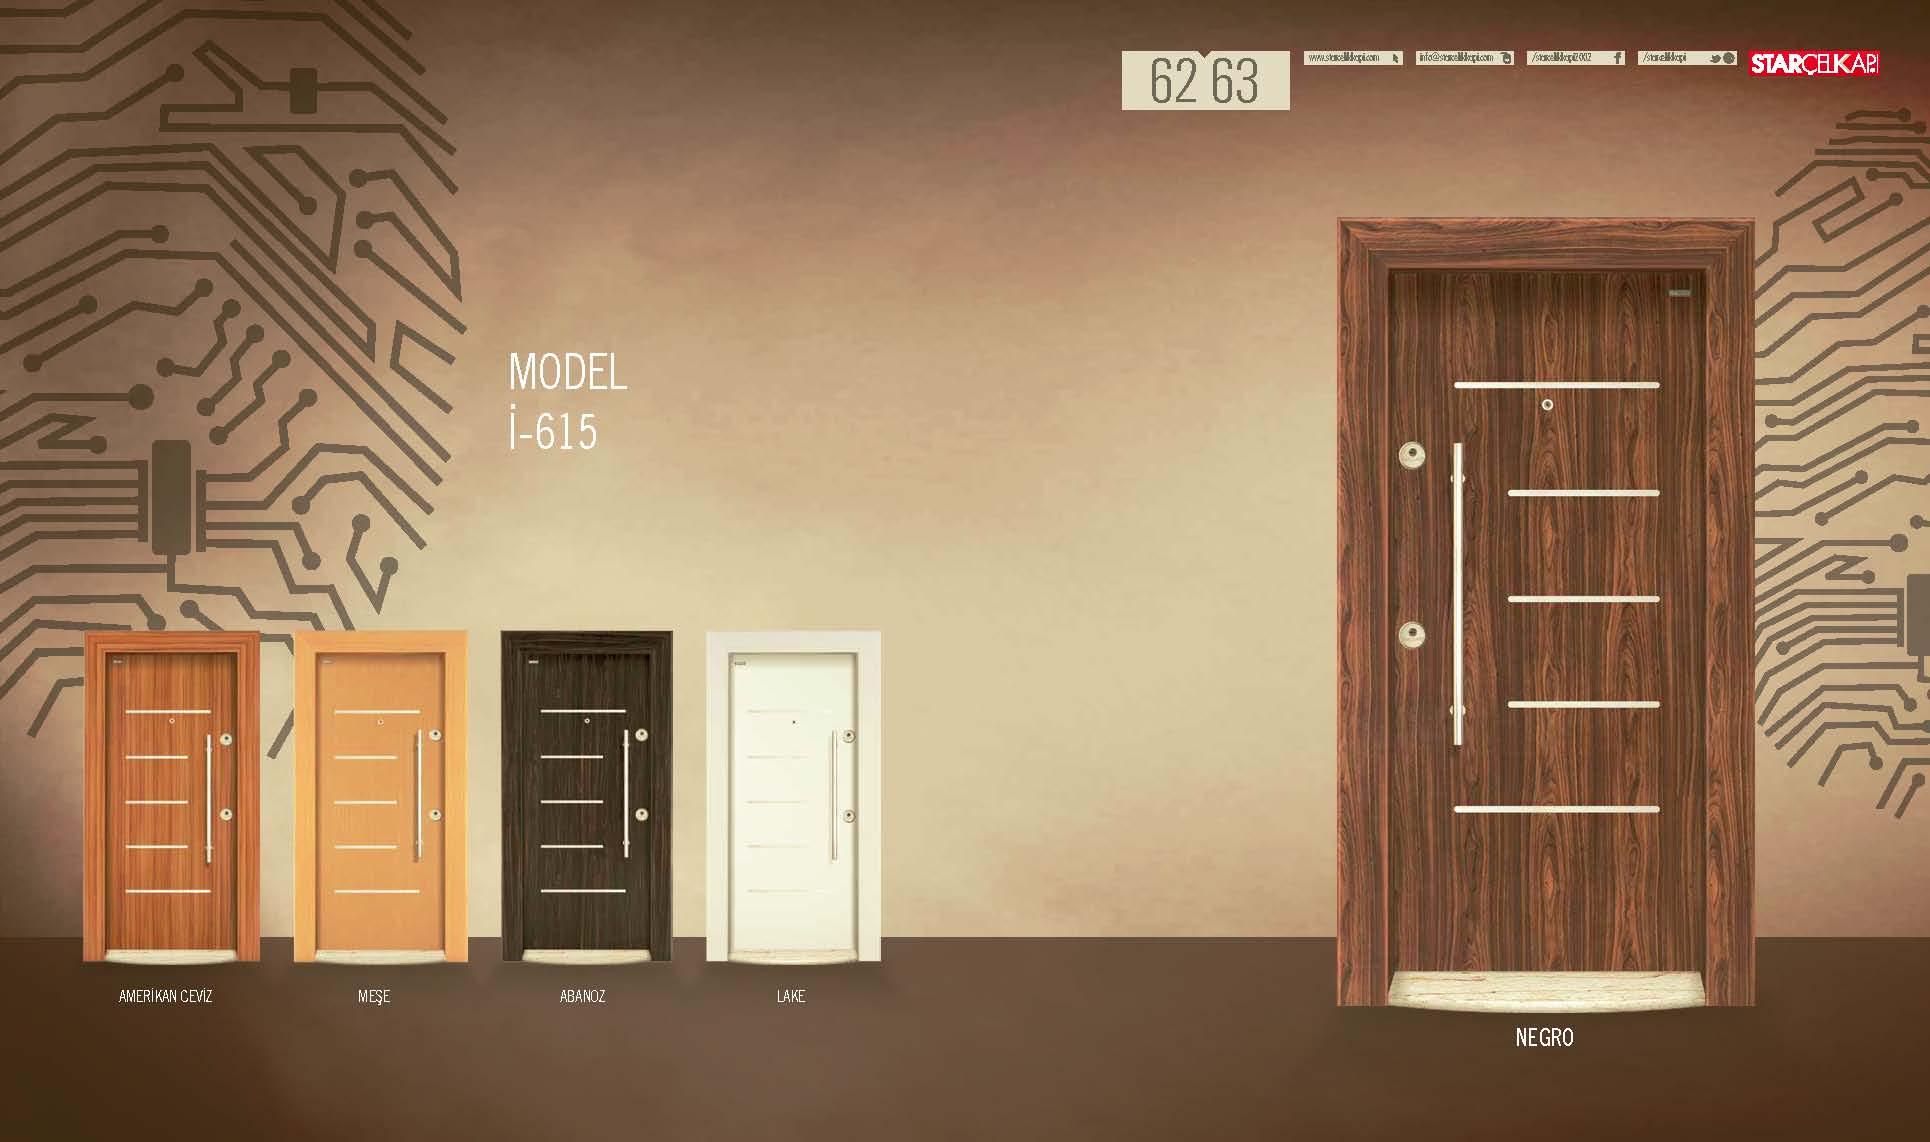 vhodni-vrati-starcelik_page_32